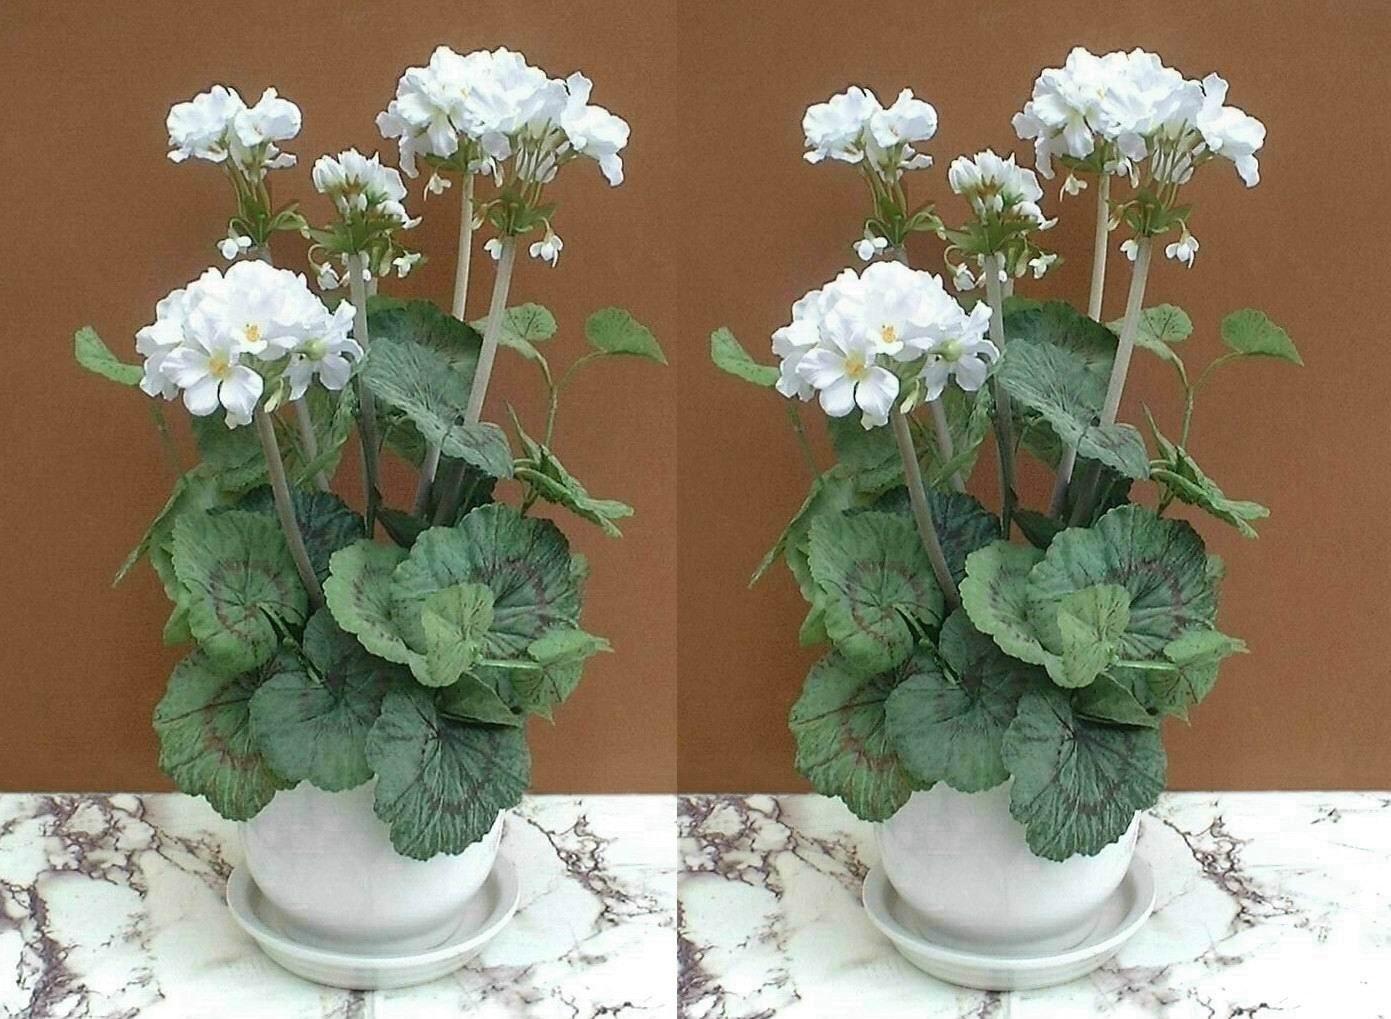 2 x Blanco Geranio Plantas (46cm) – Flores Artificiales SIN MACETAS